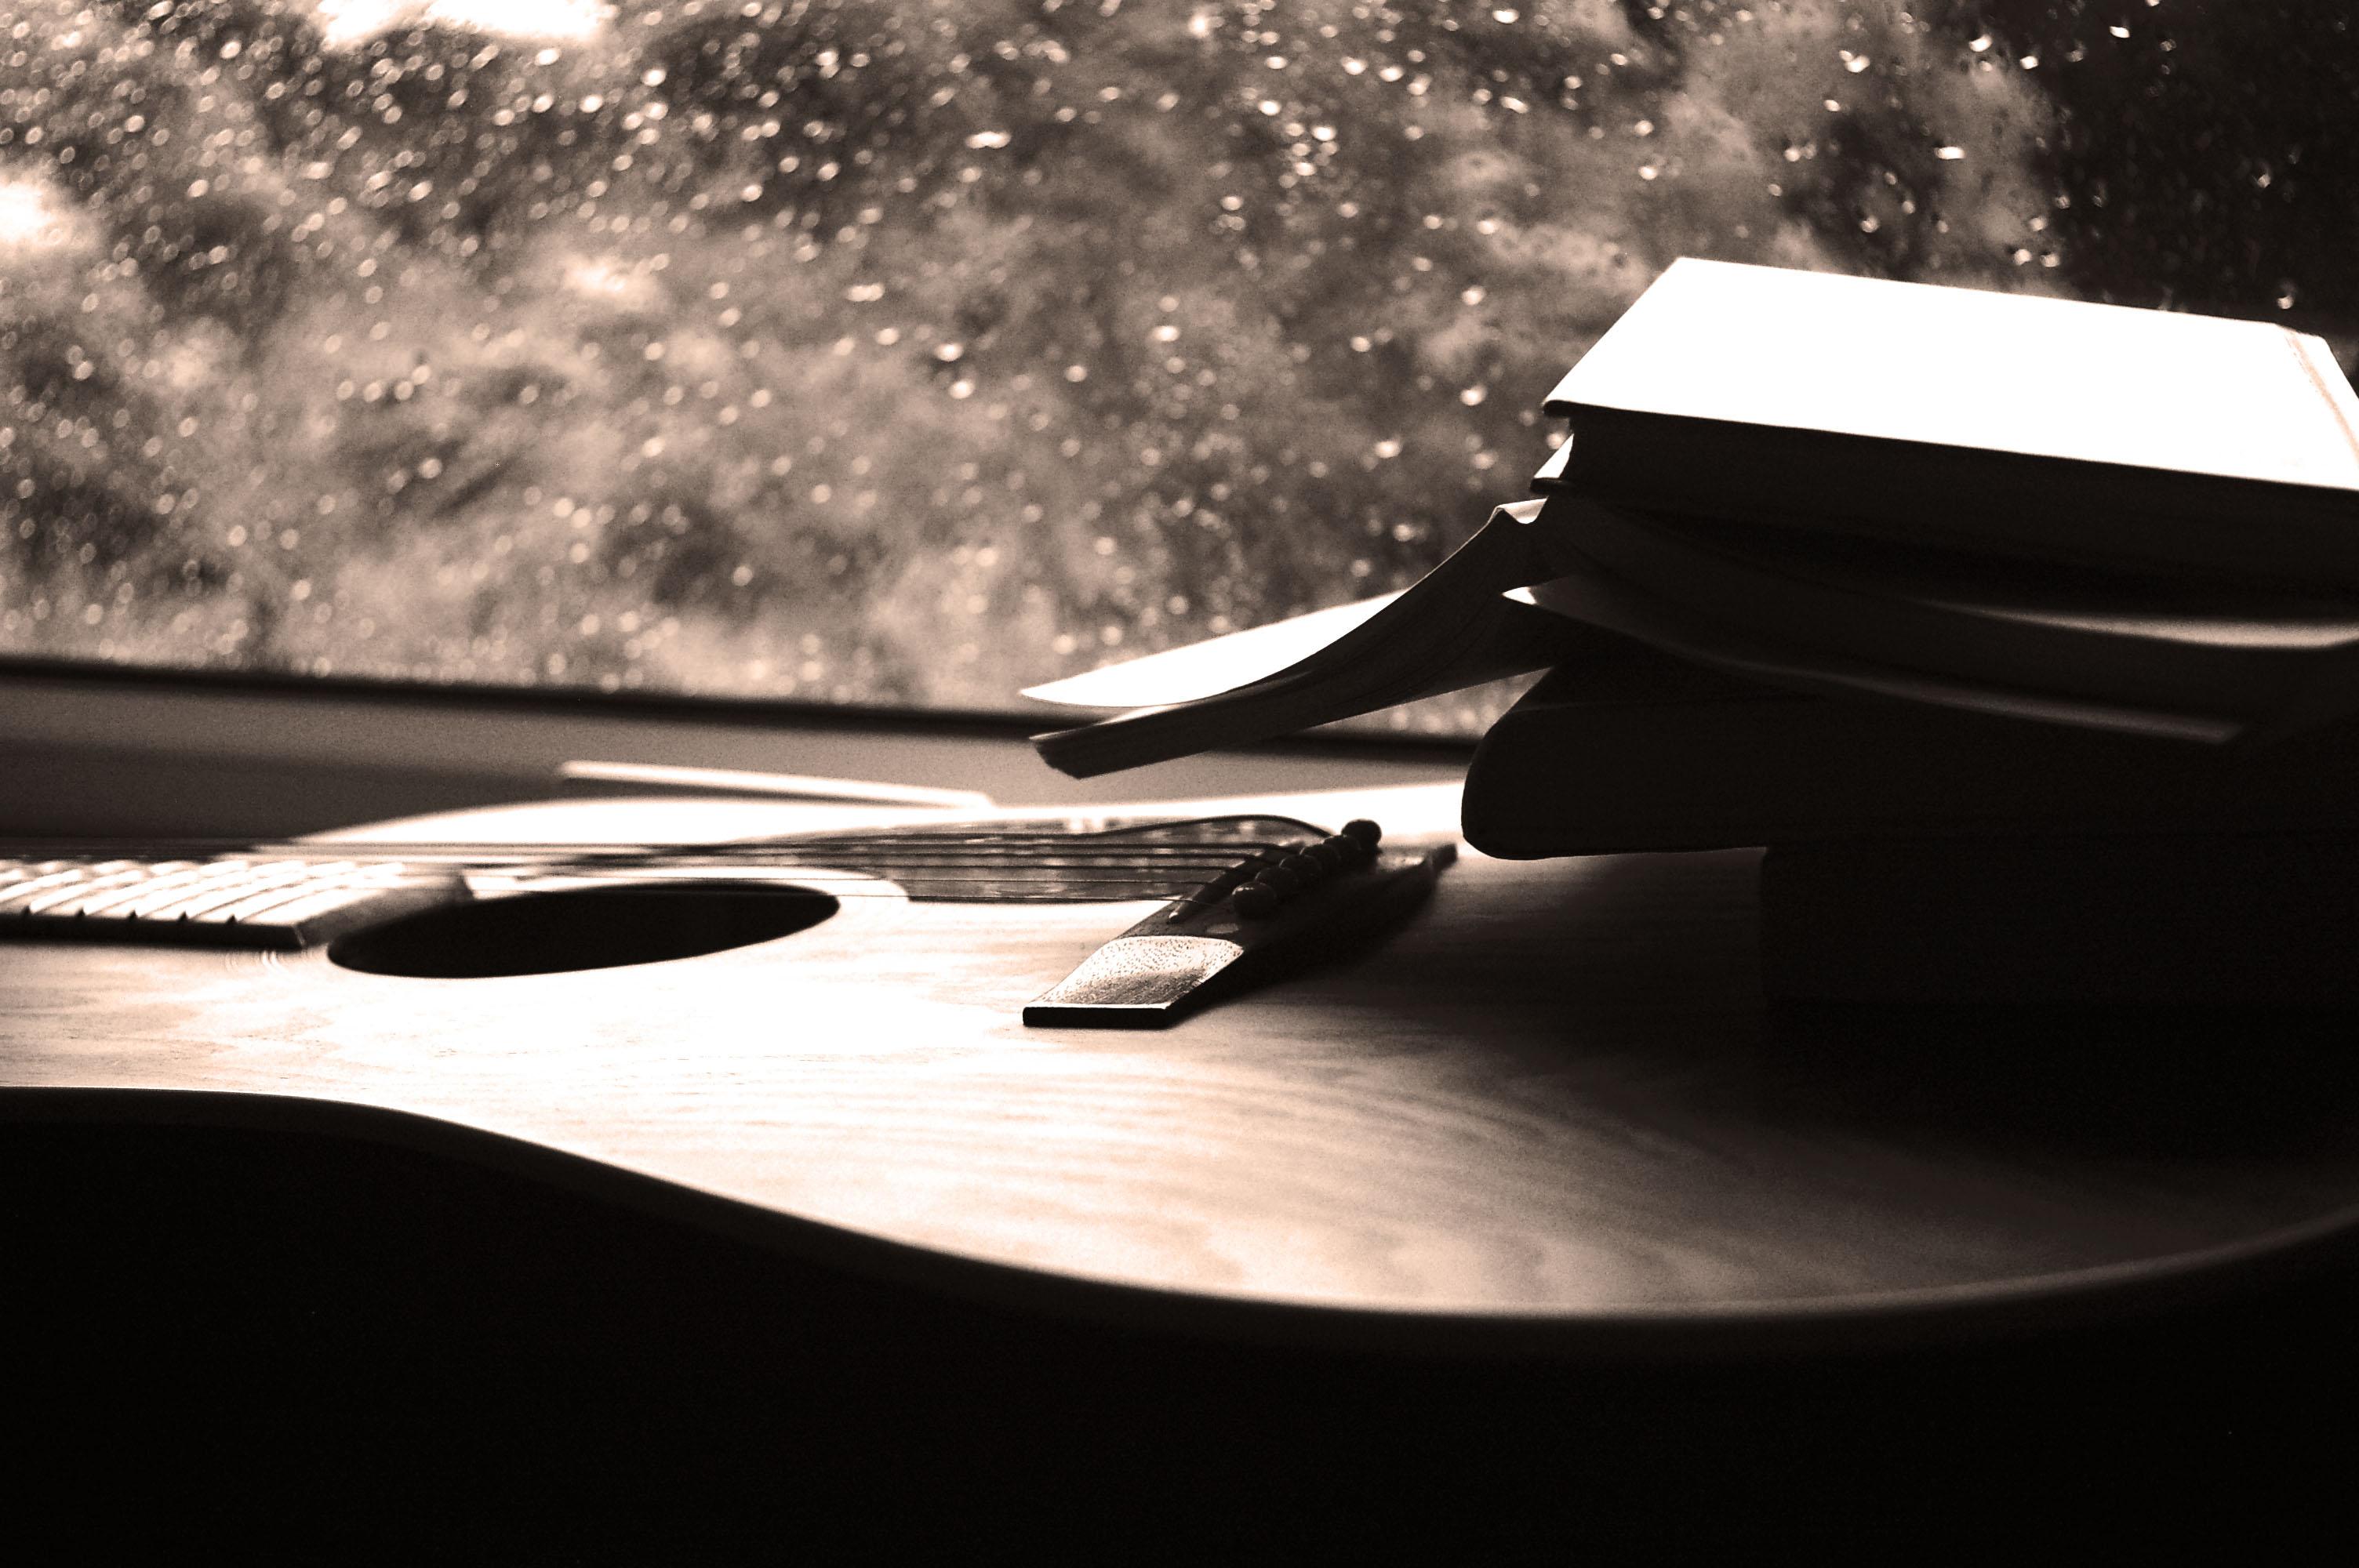 изготовления картинки дождь под гитару чередование слоев